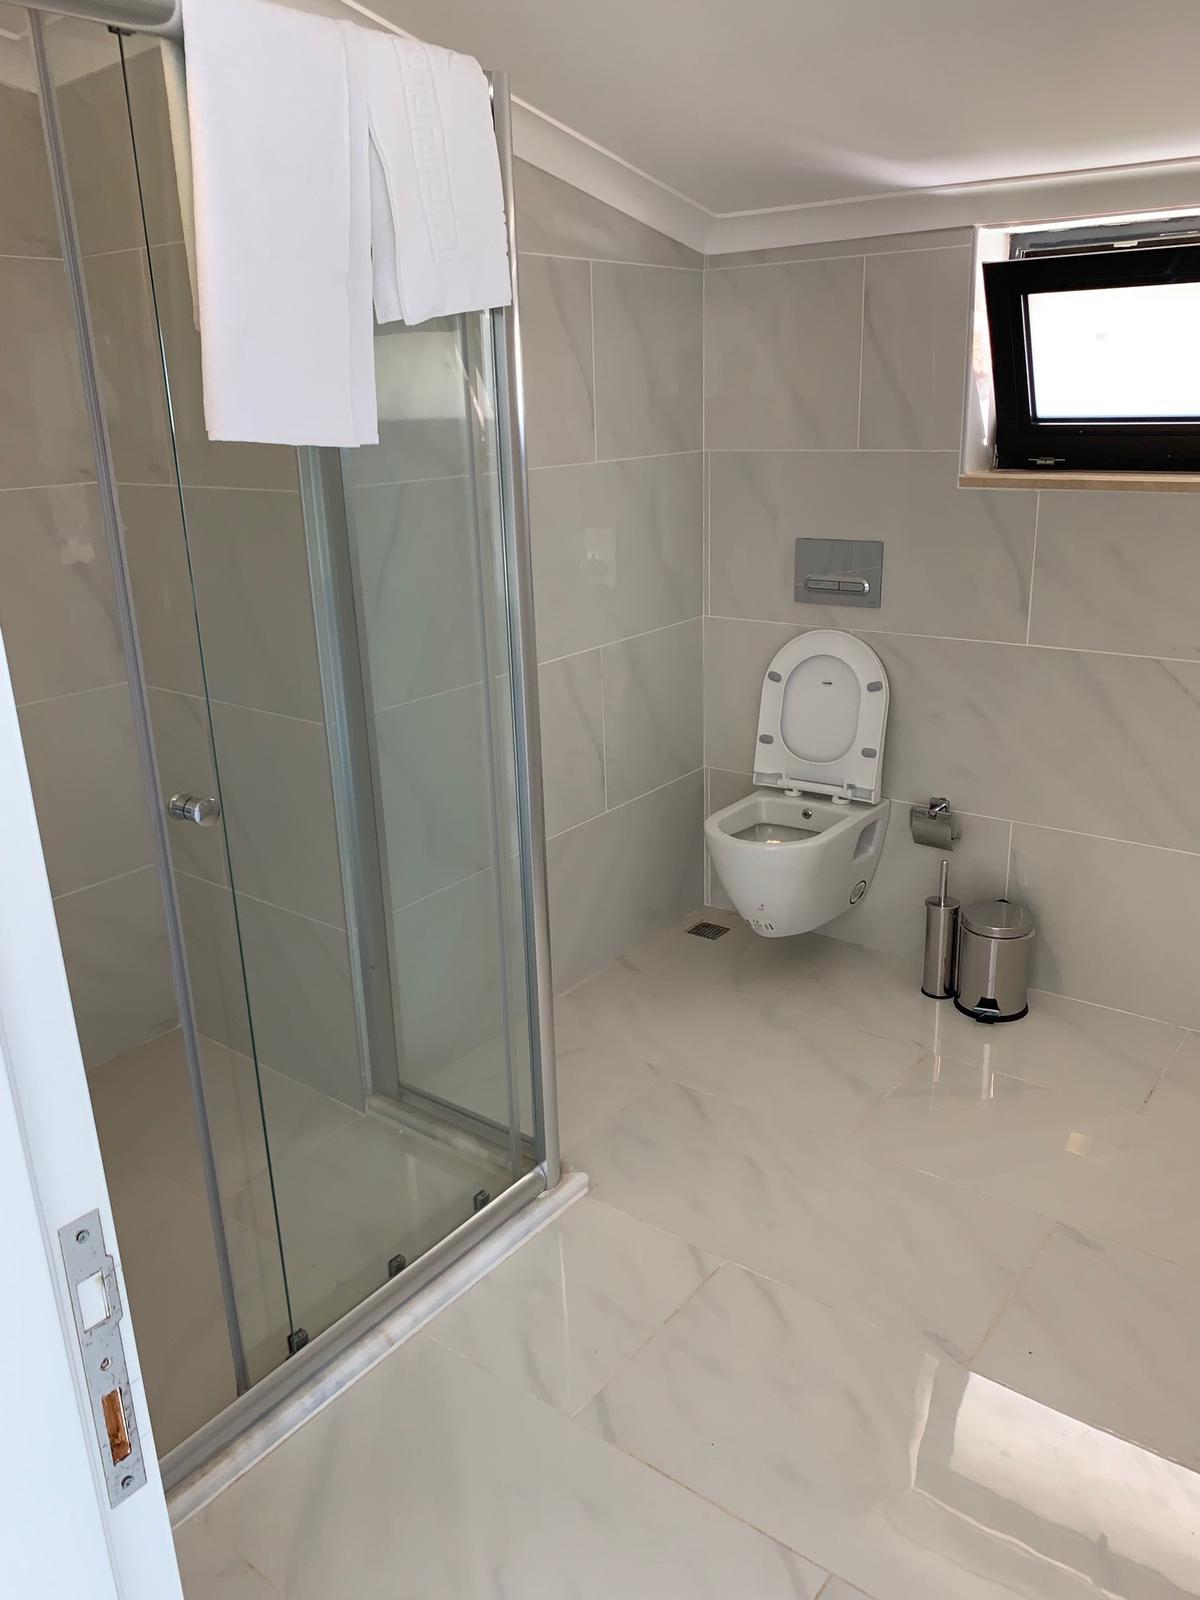 v840 bathroom